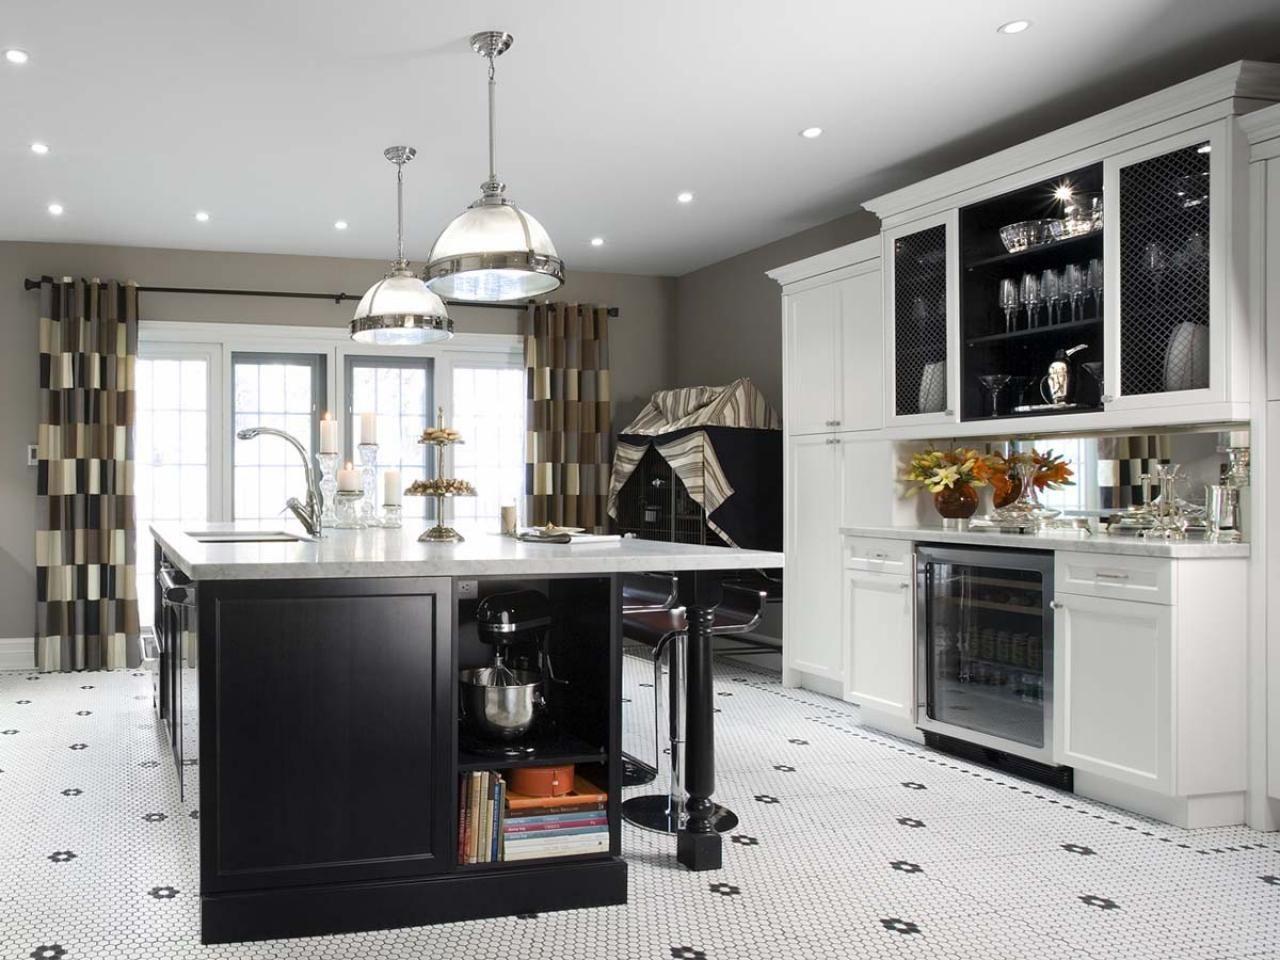 divine kitchen design. Candice Olson S Kitchen Design Ideas  Olson Hgtv And